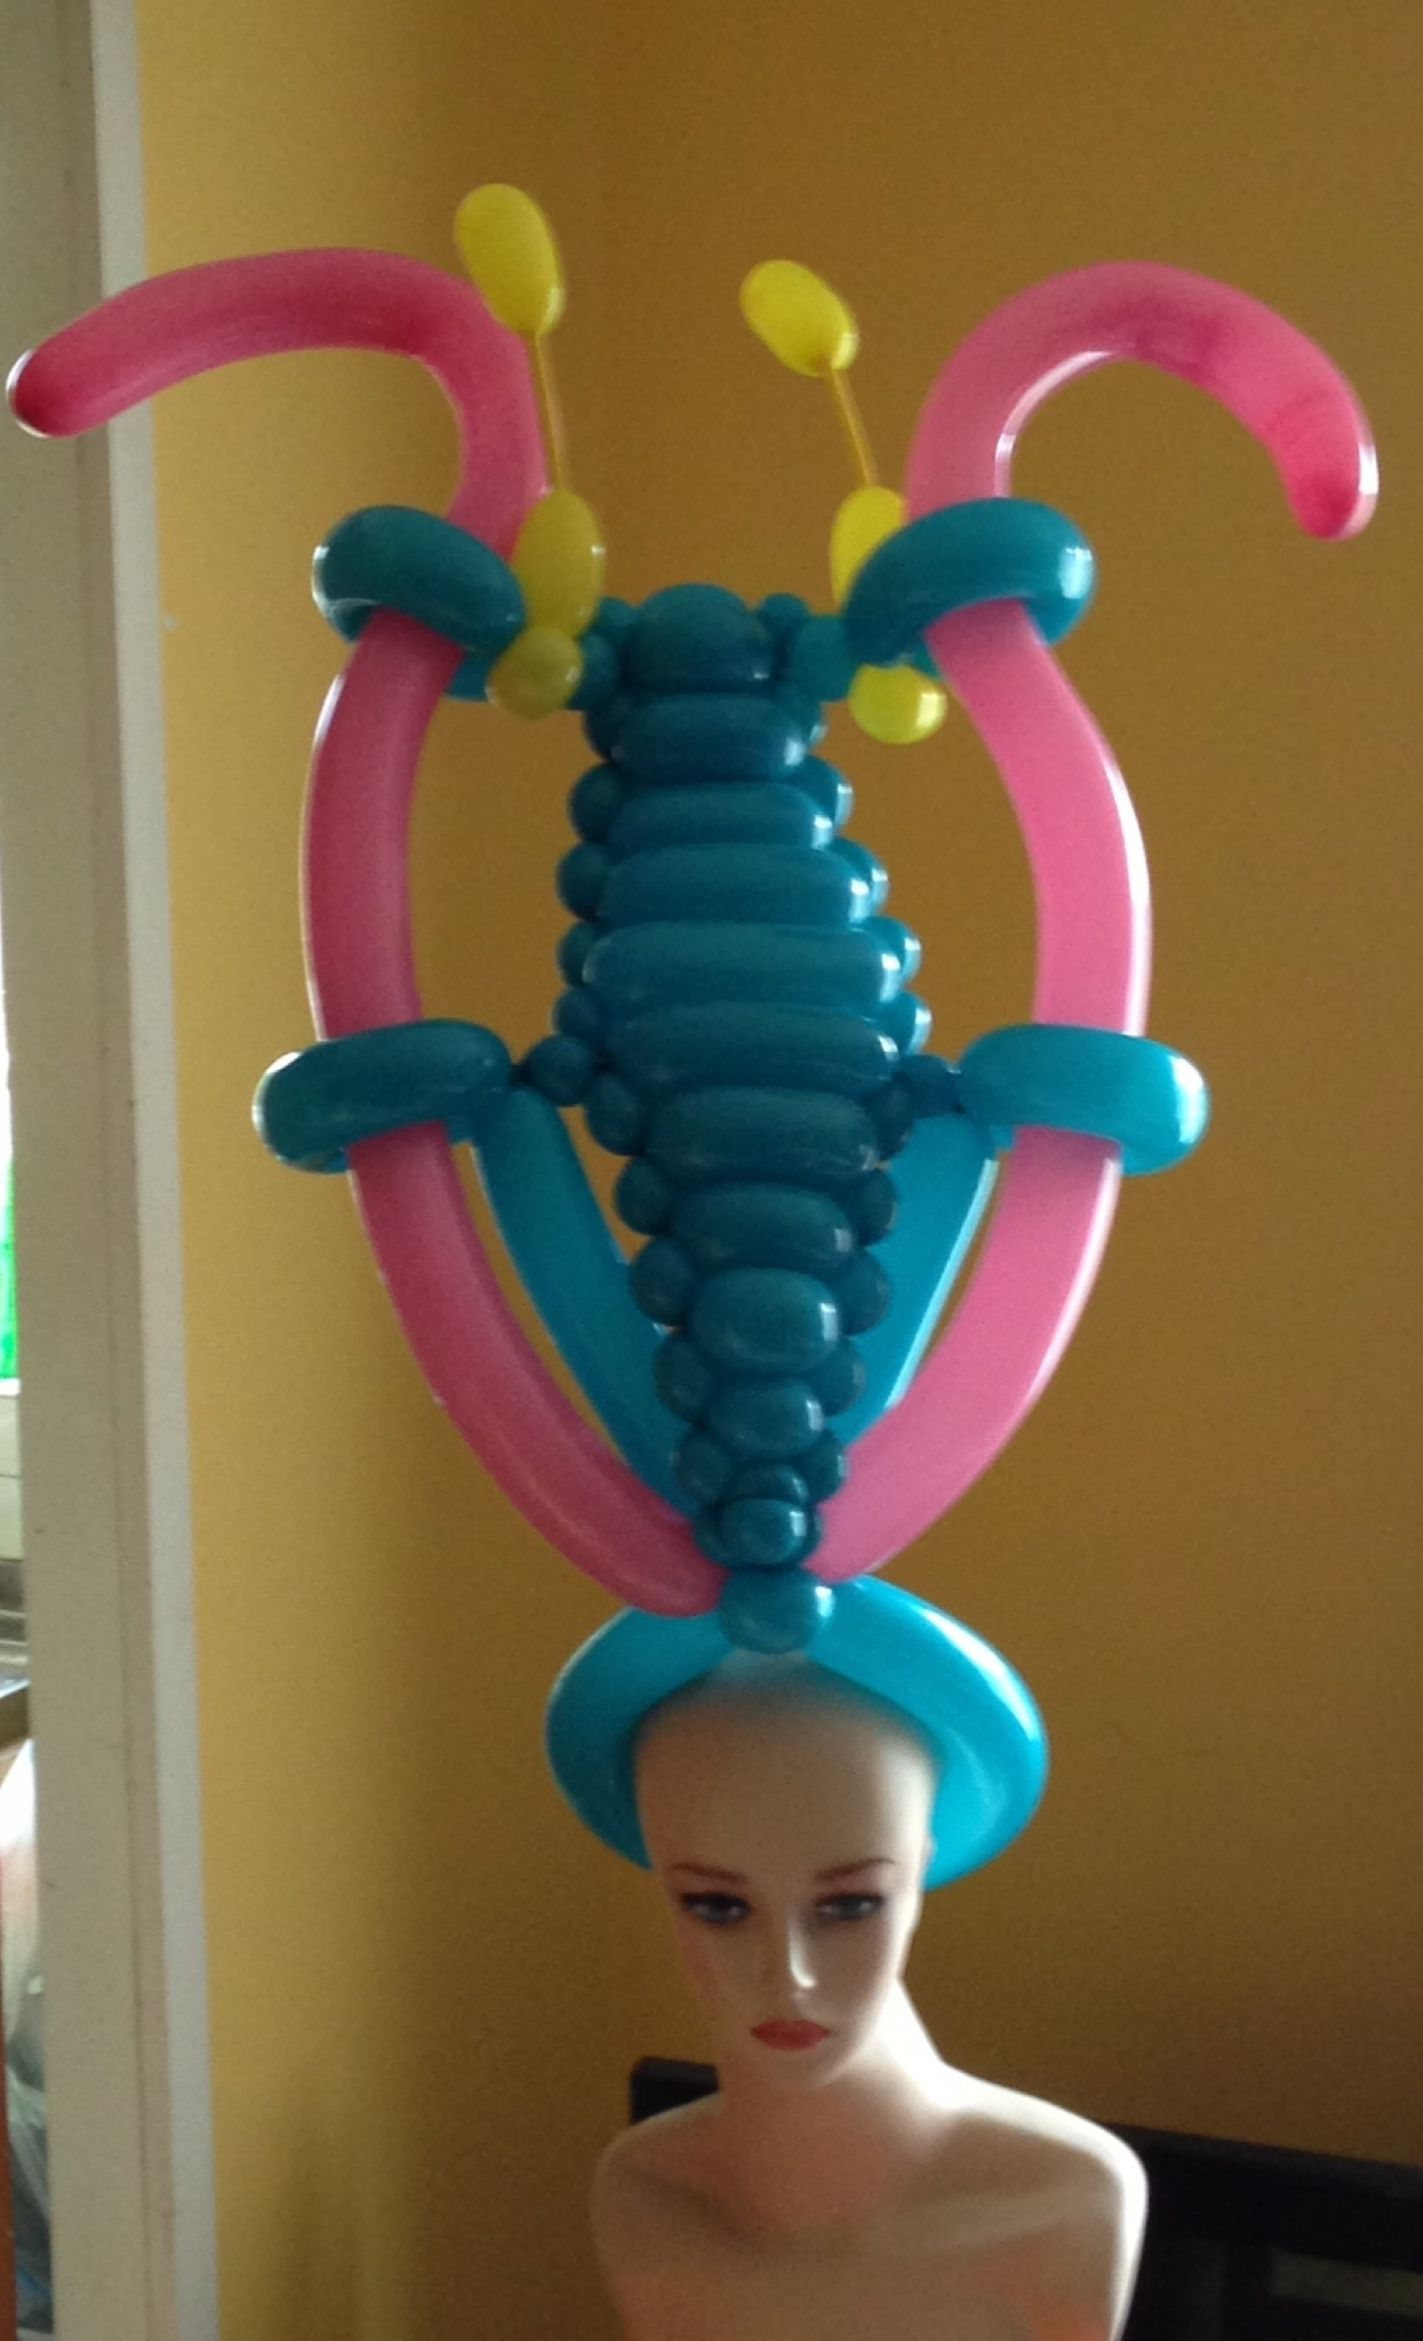 Hat Balloon